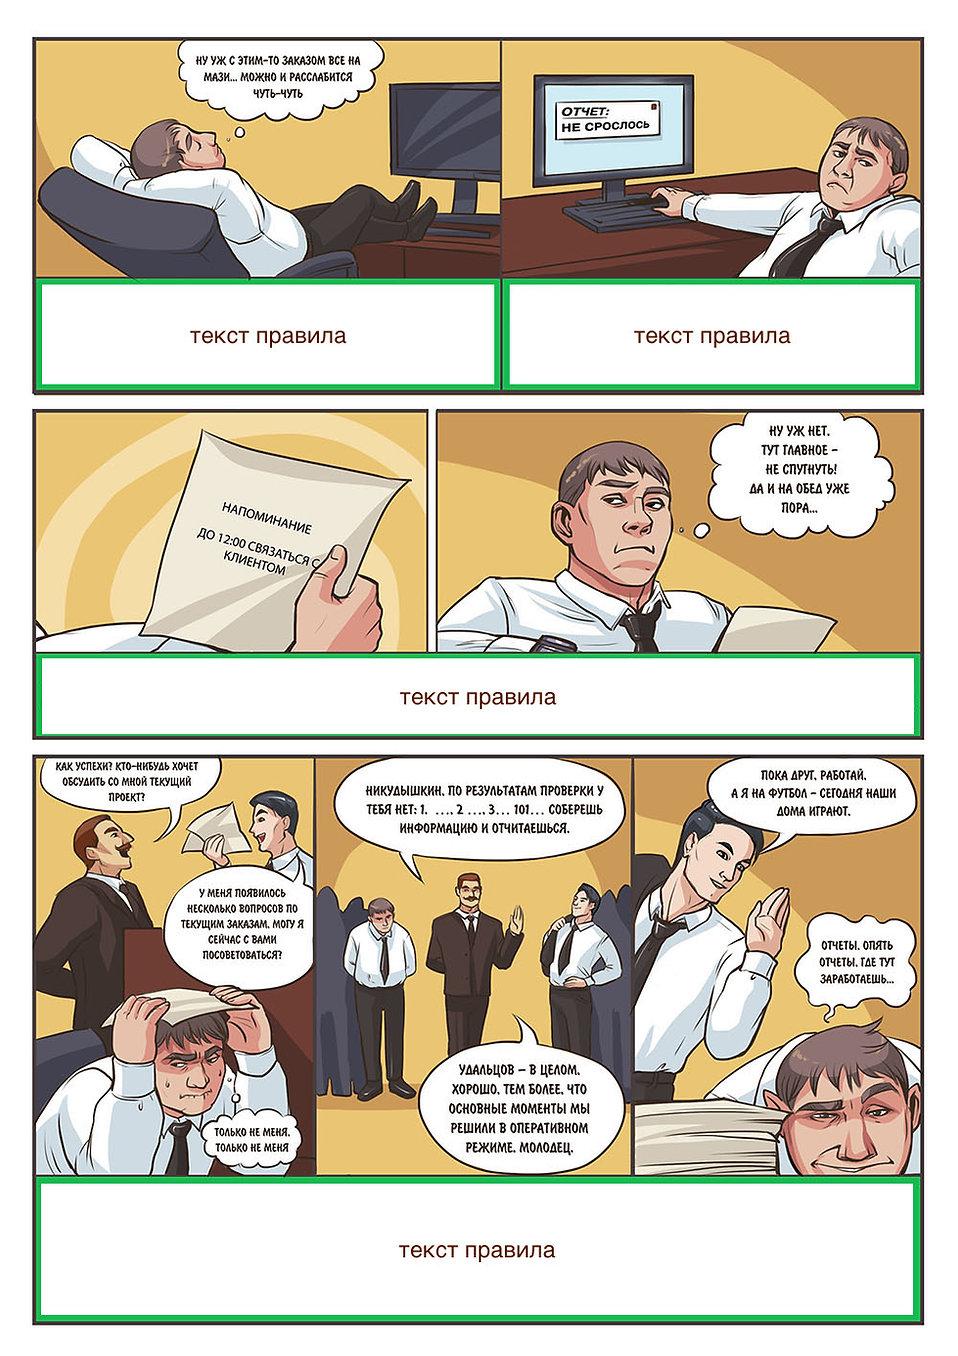 Комикс для бизнеса. Инструкция менеджерам. 2